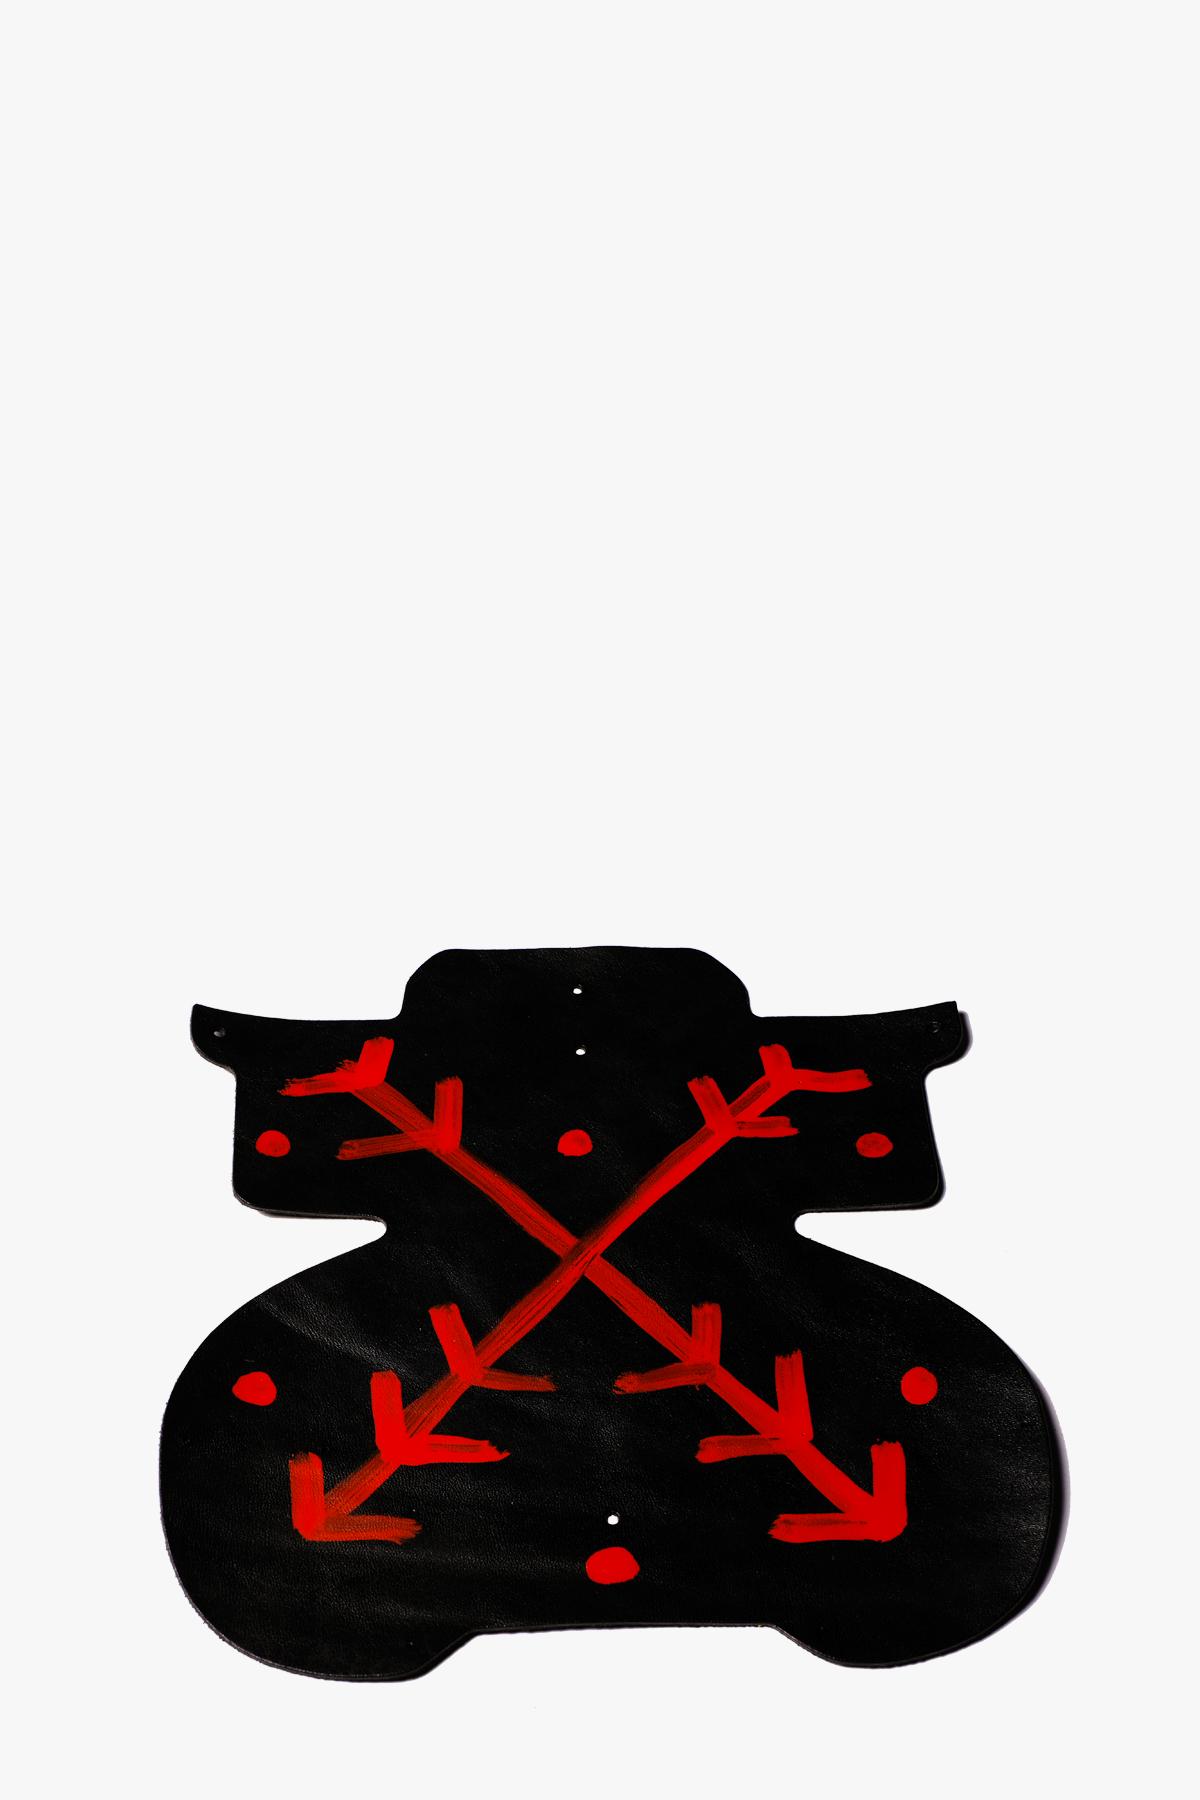 esploso-10